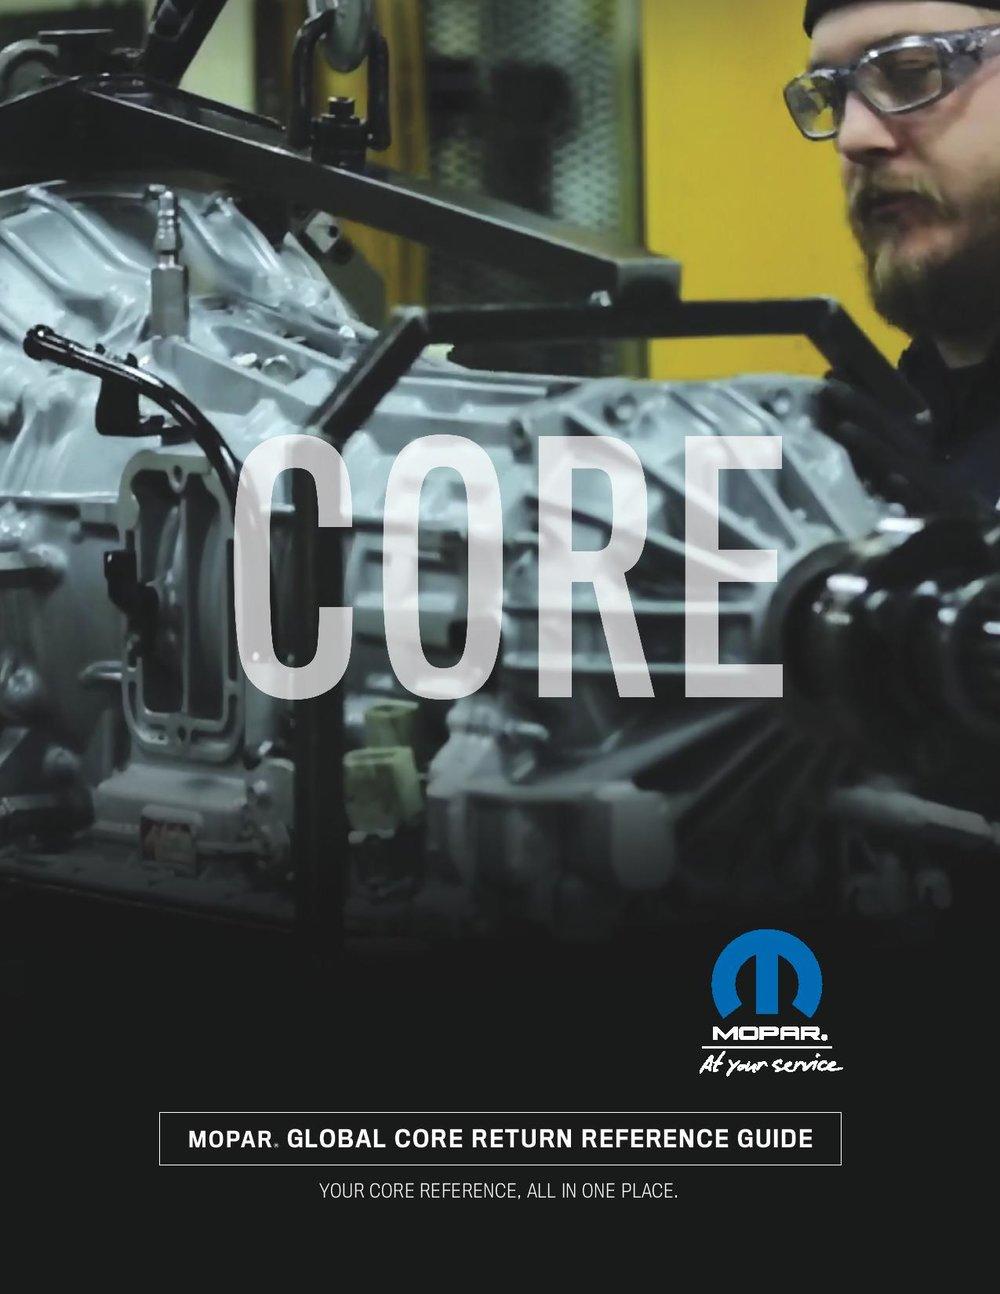 Chrys Mopar global-core-return-standards-page-001.jpg